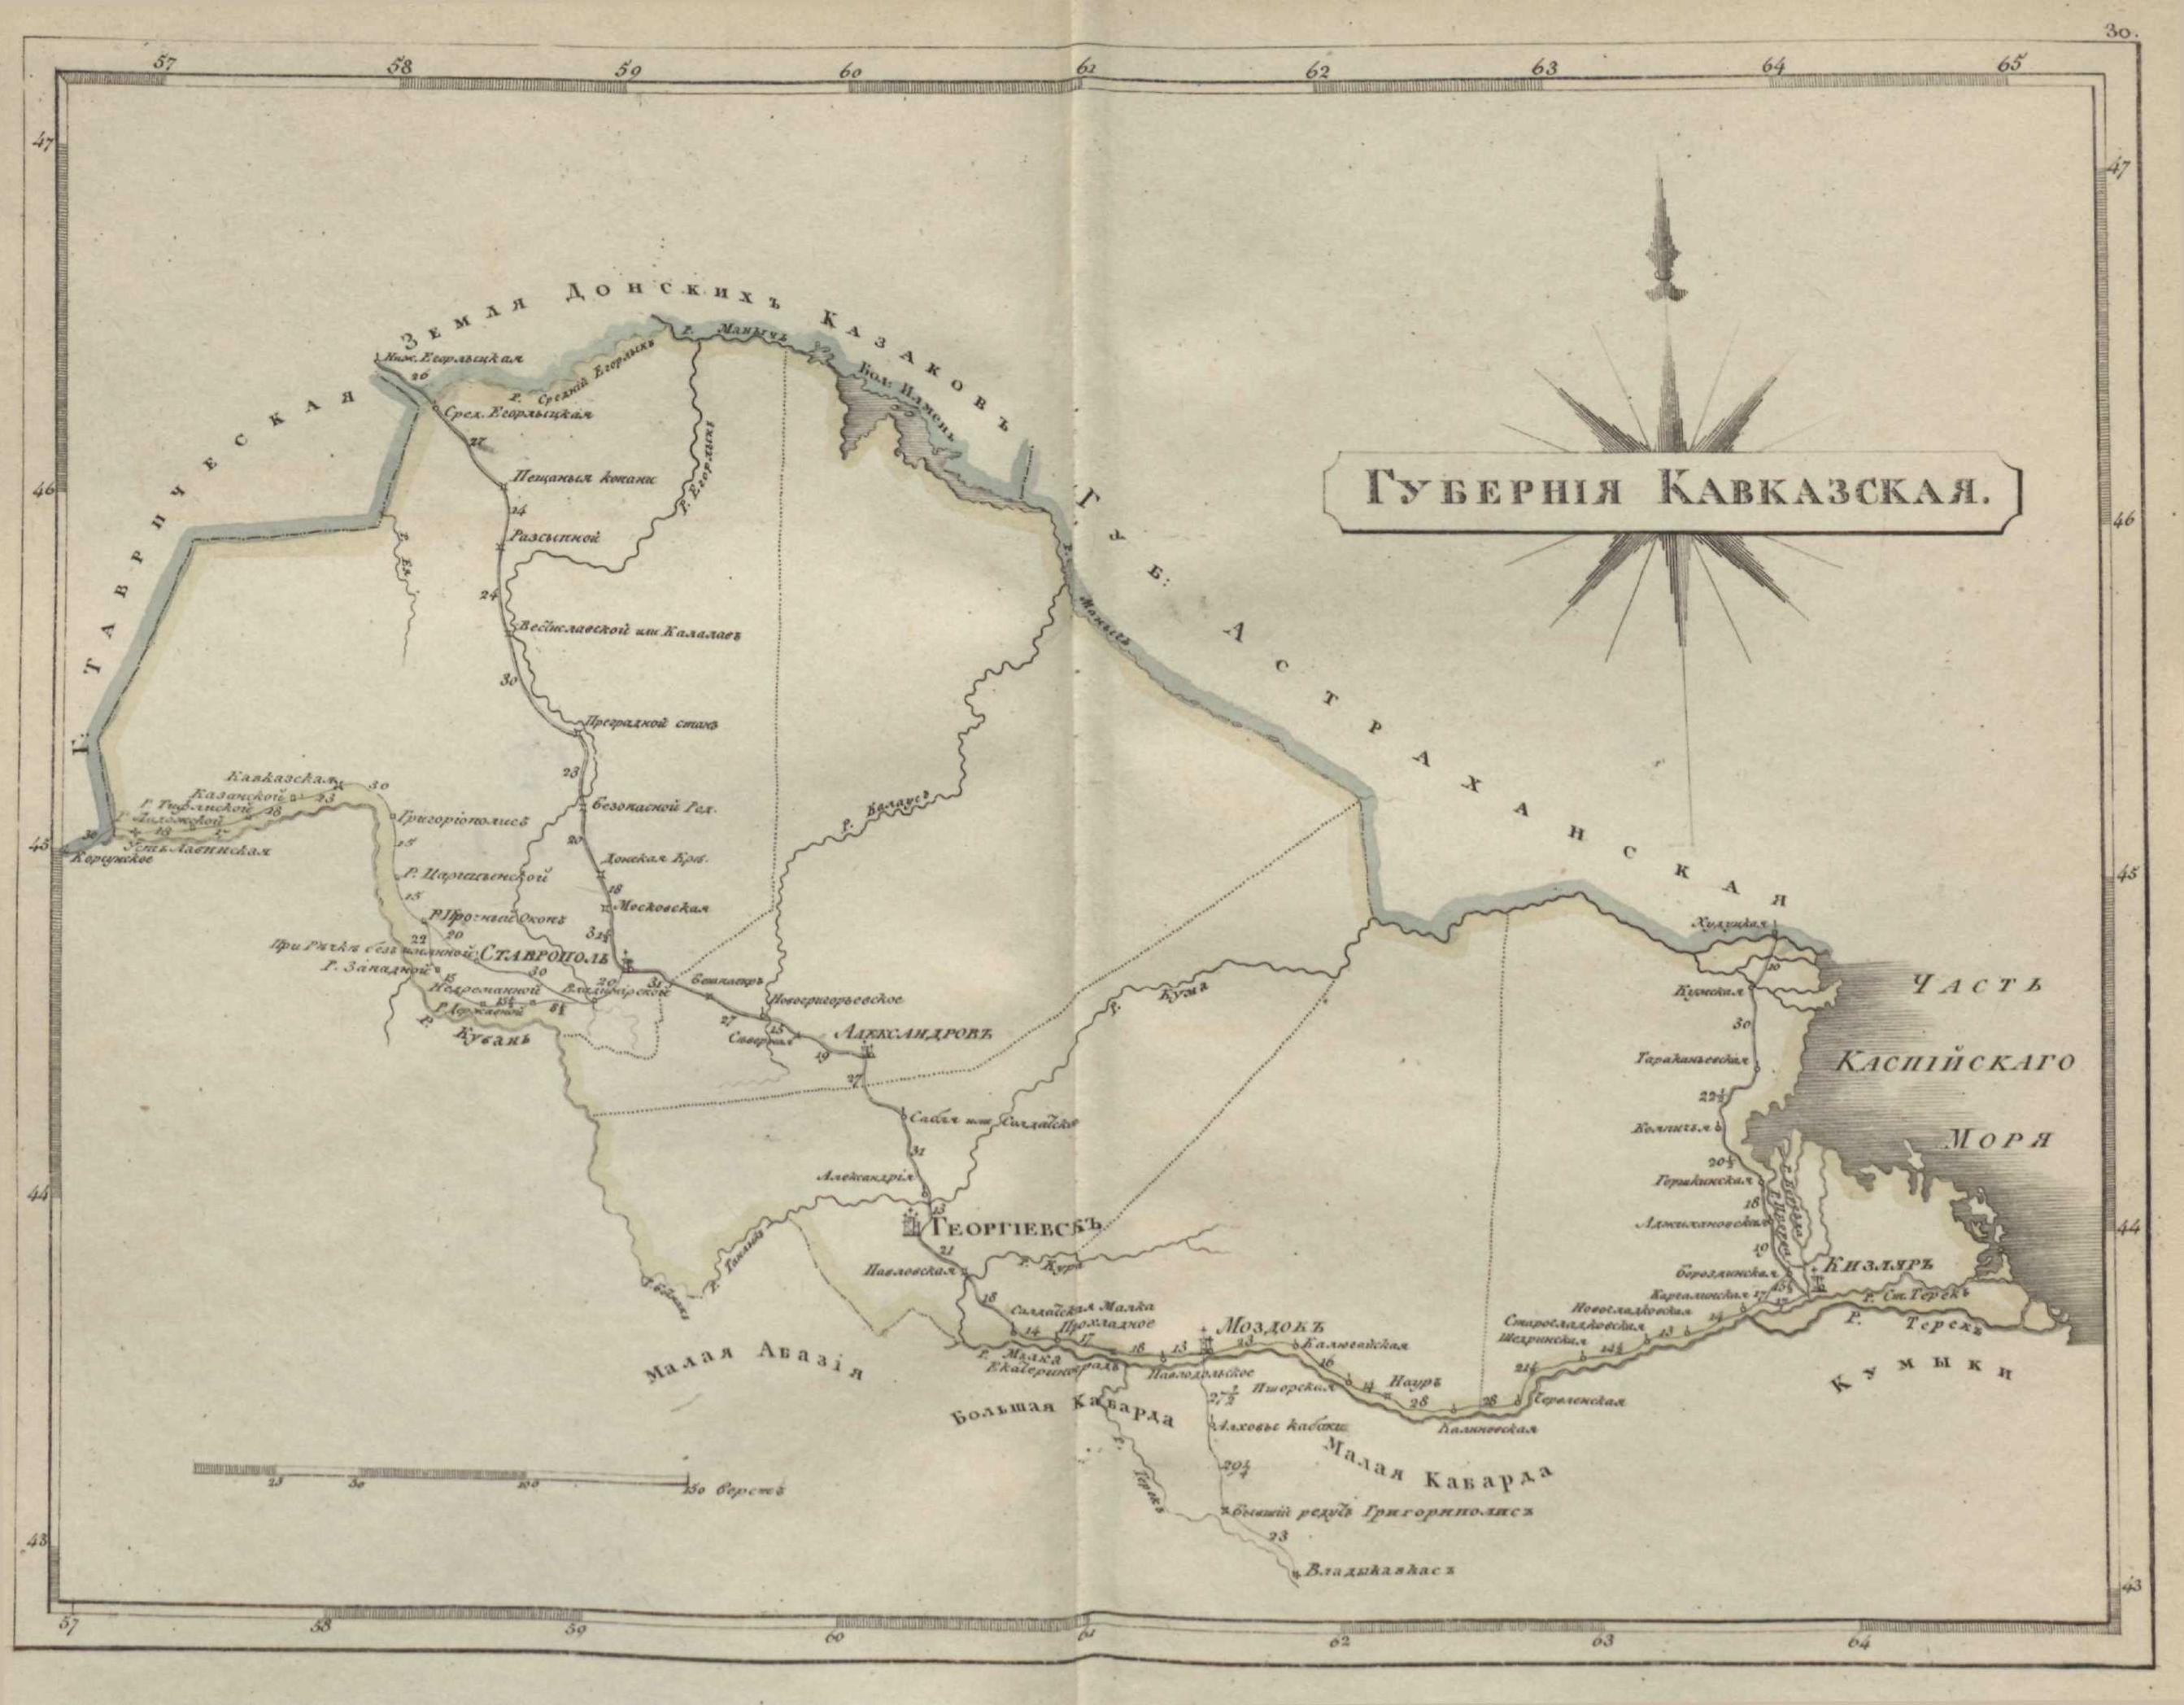 Кавказкая губерния